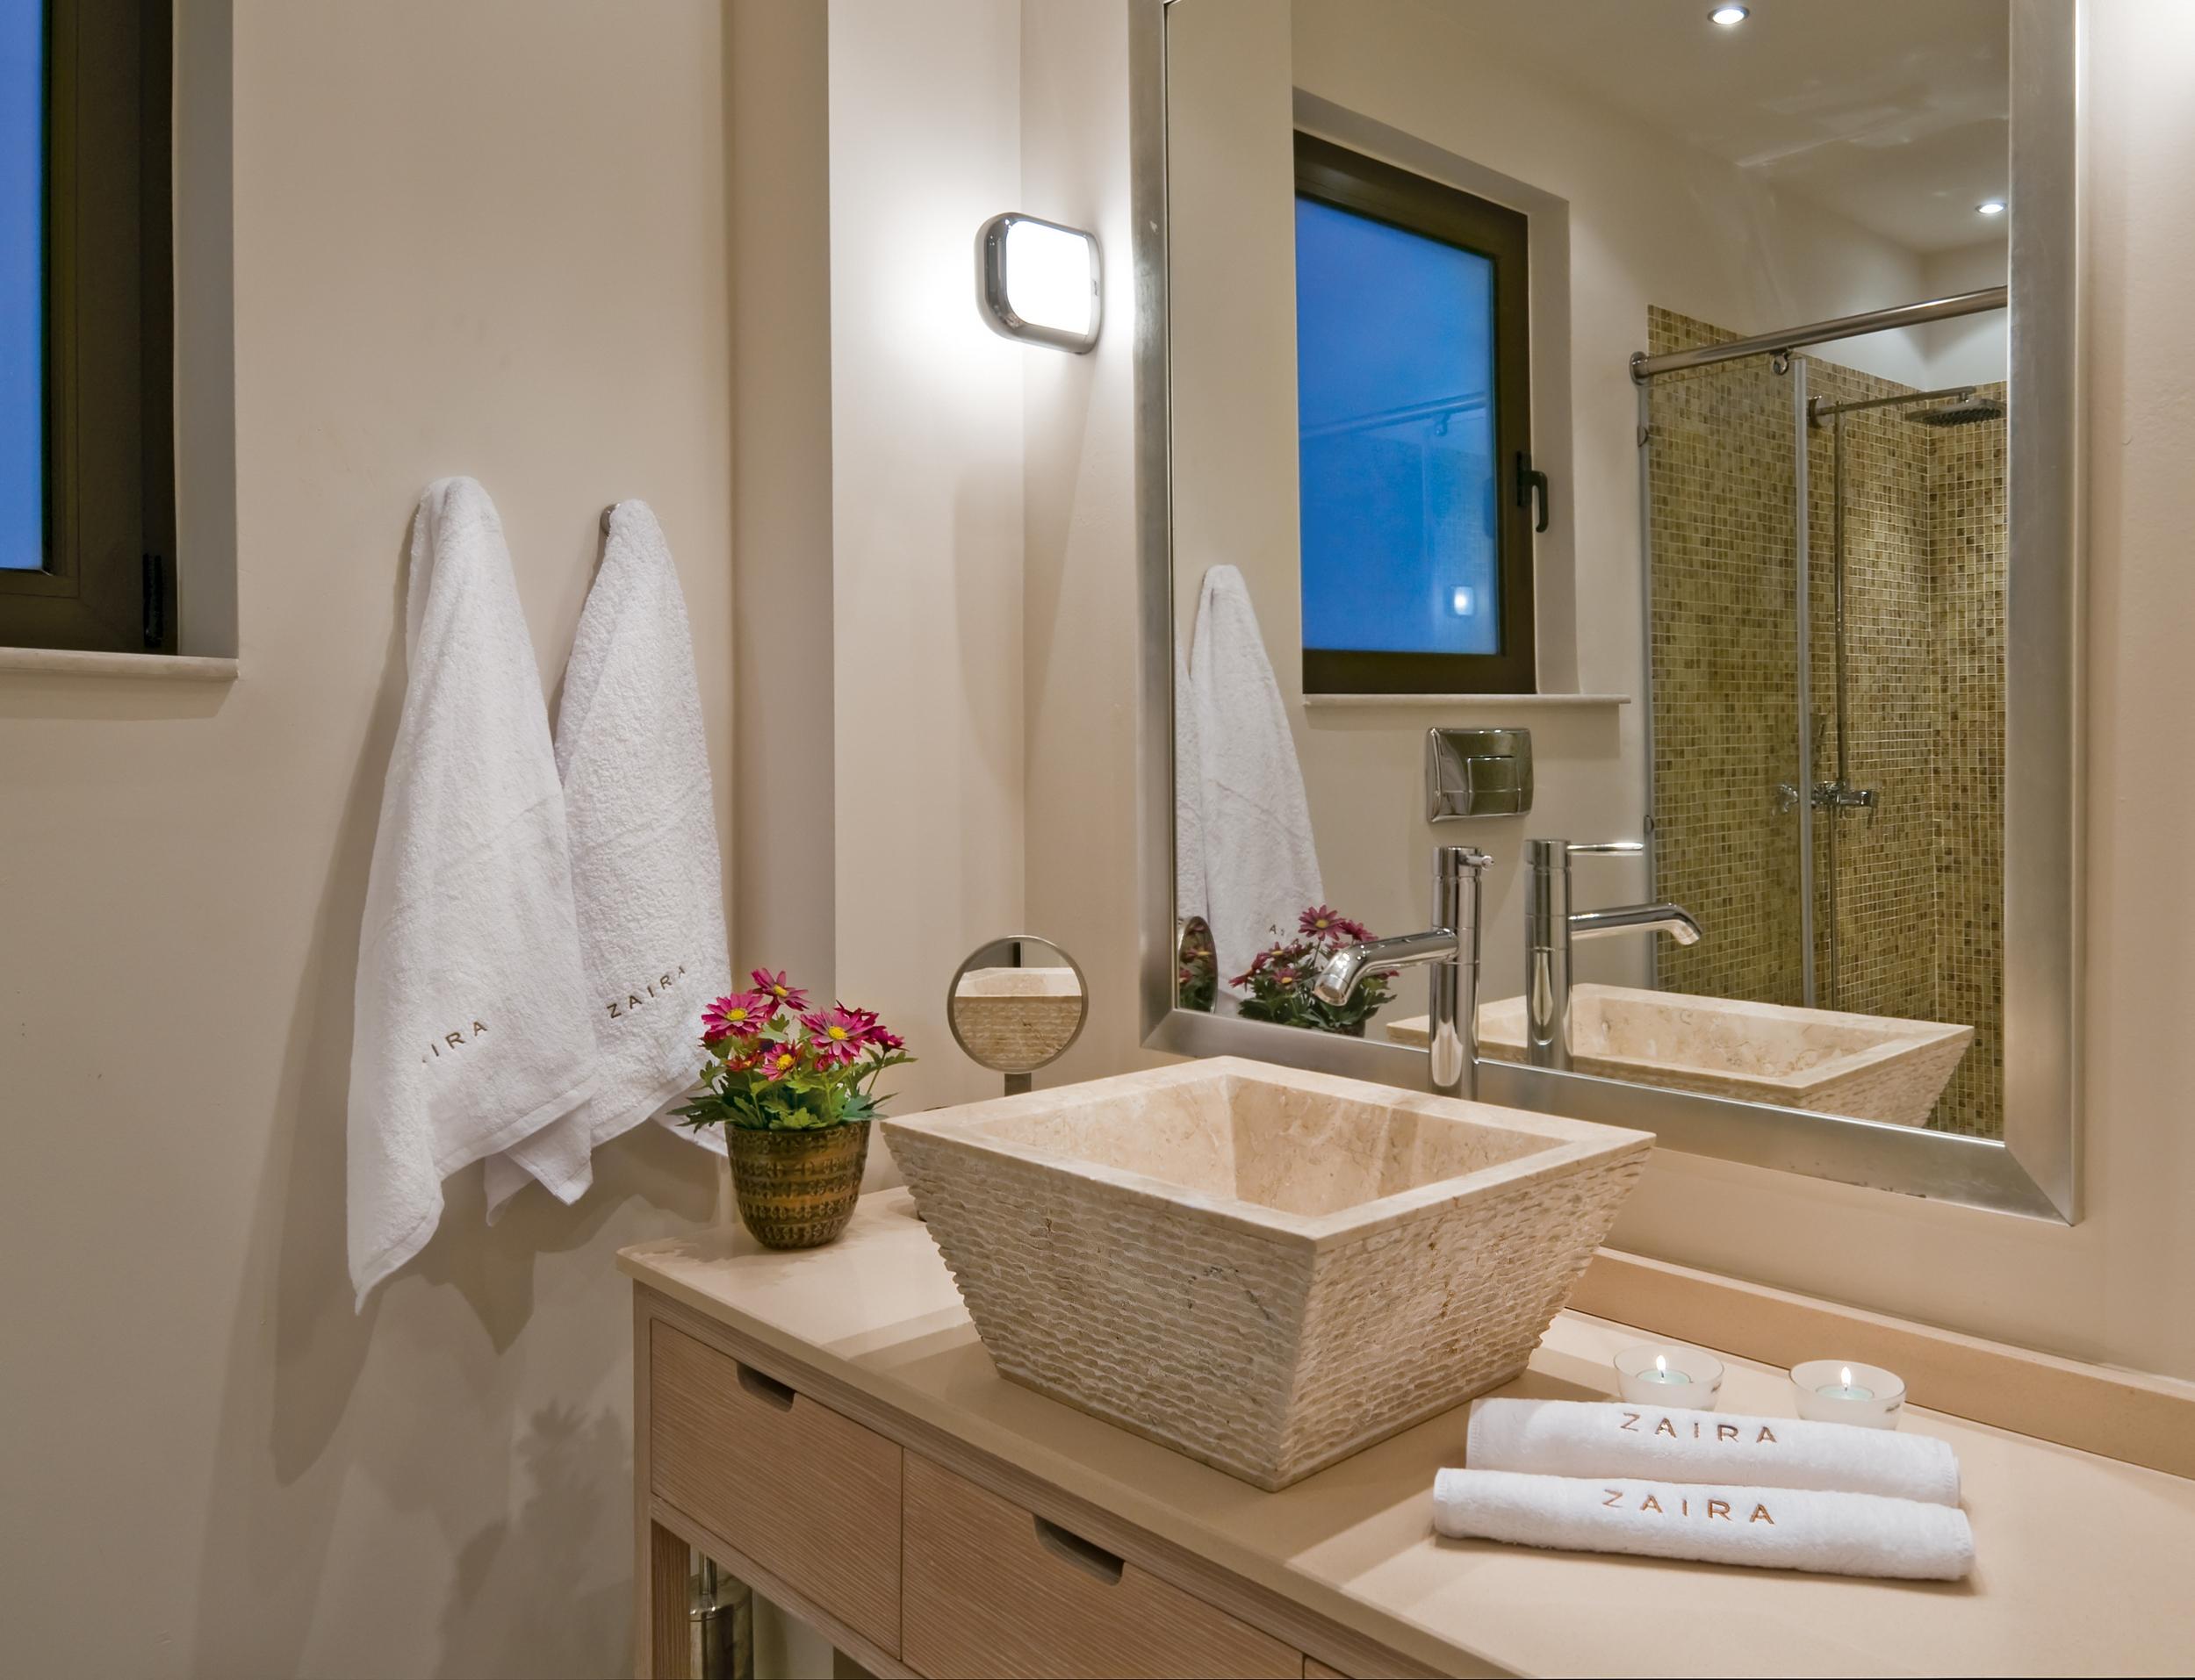 hotel for sale in crete akrotiri crete bathroom sink